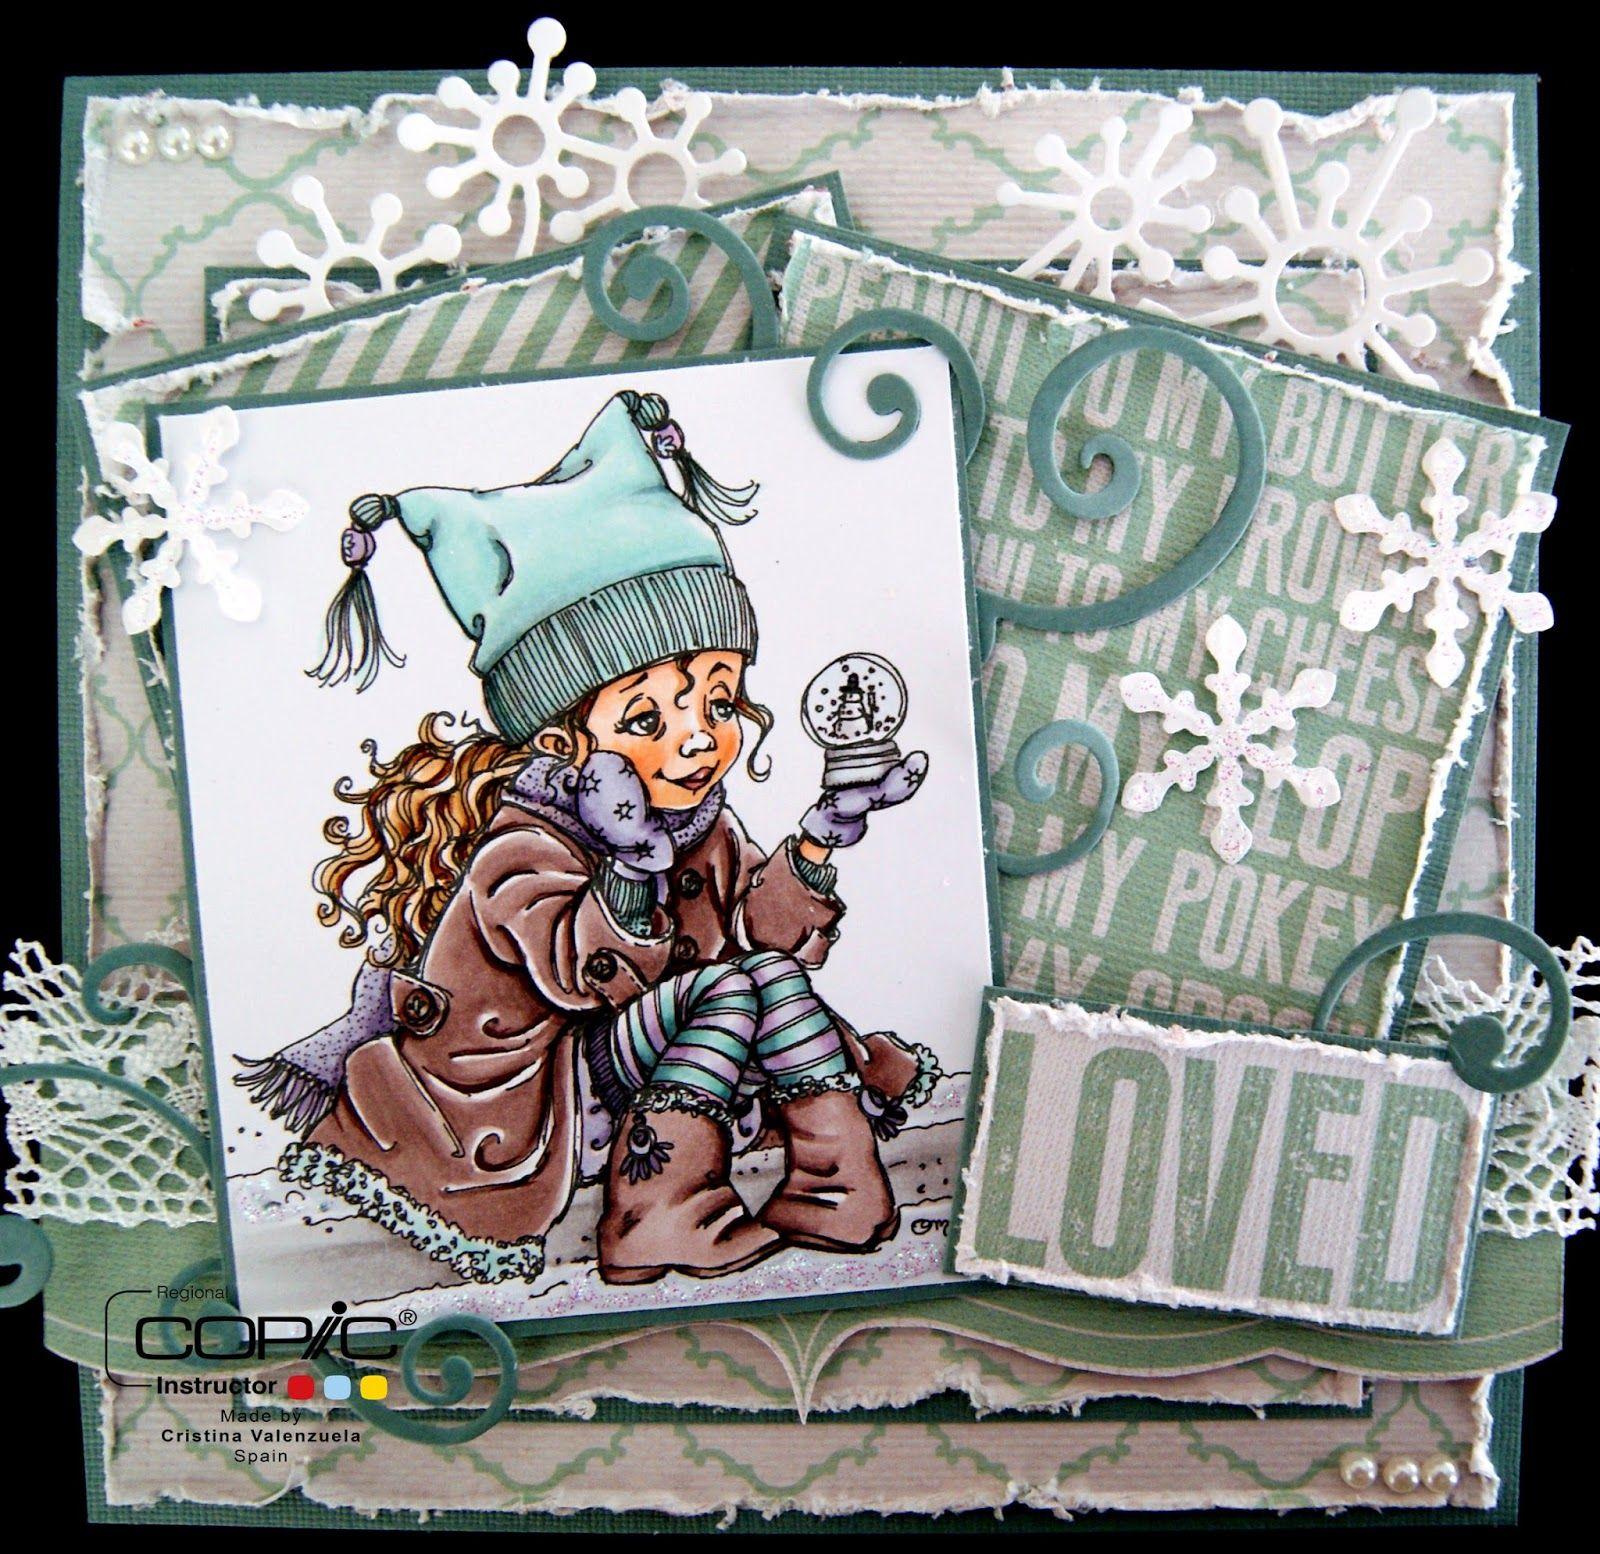 Skin: E00, E21, E11. Cheeks: E02. Hair: E51, E53, E55, E57. Floor: T1, T3. Snow: C1, C00 and Stickles. Gloves and scarf: V22, V25, V20. Hat: BG10, BG11, BG72, T3. Stockings: V01, V20, BG10, BG11, T3. Jacket and boots: E77, E74, E71, E70.